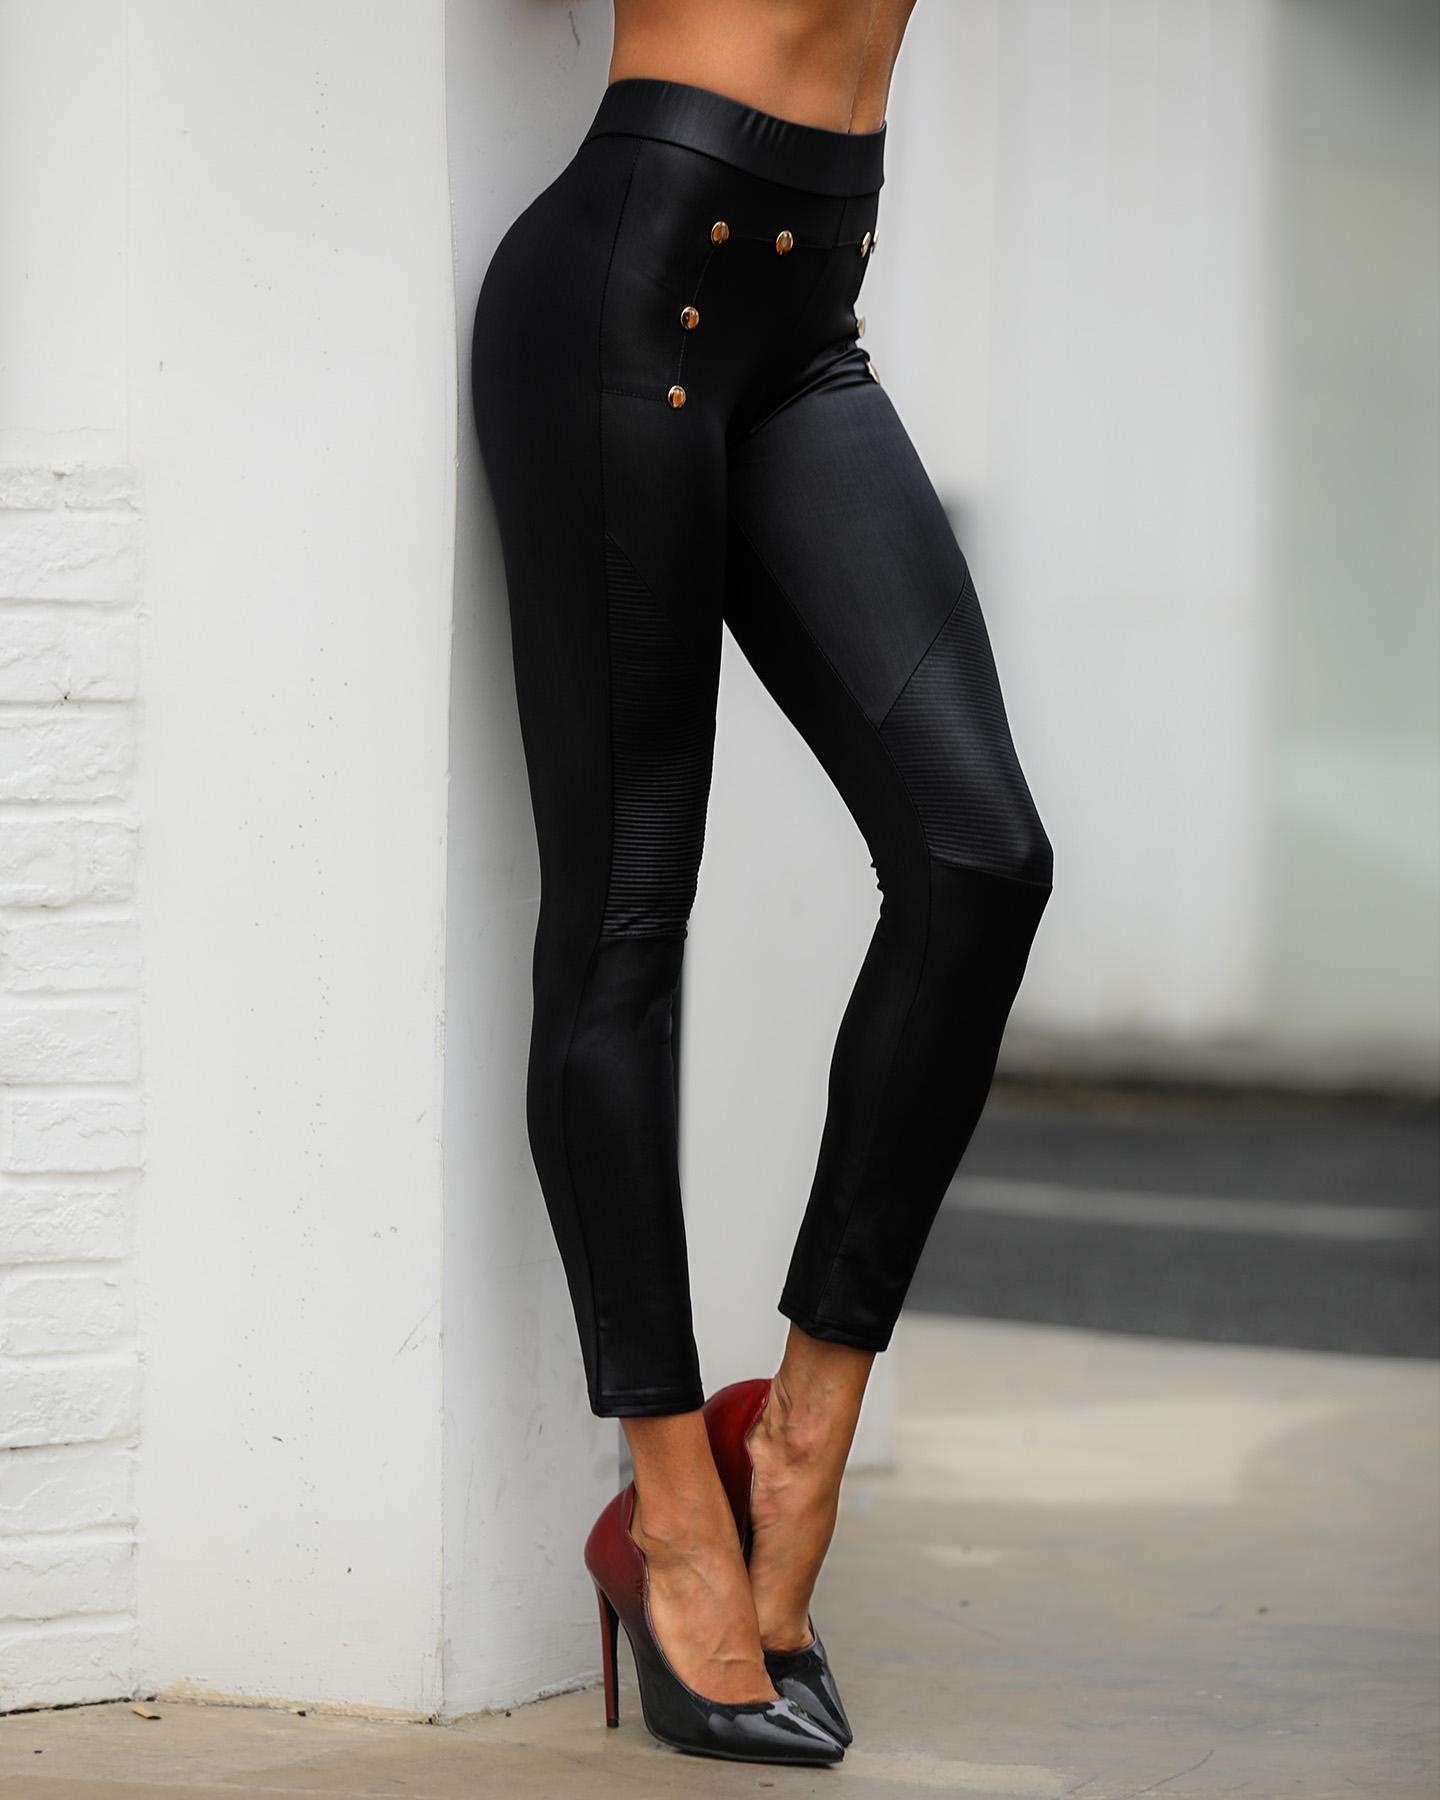 ivrose / Pantalones de PU recubiertos con detalle de botones de cintura alta